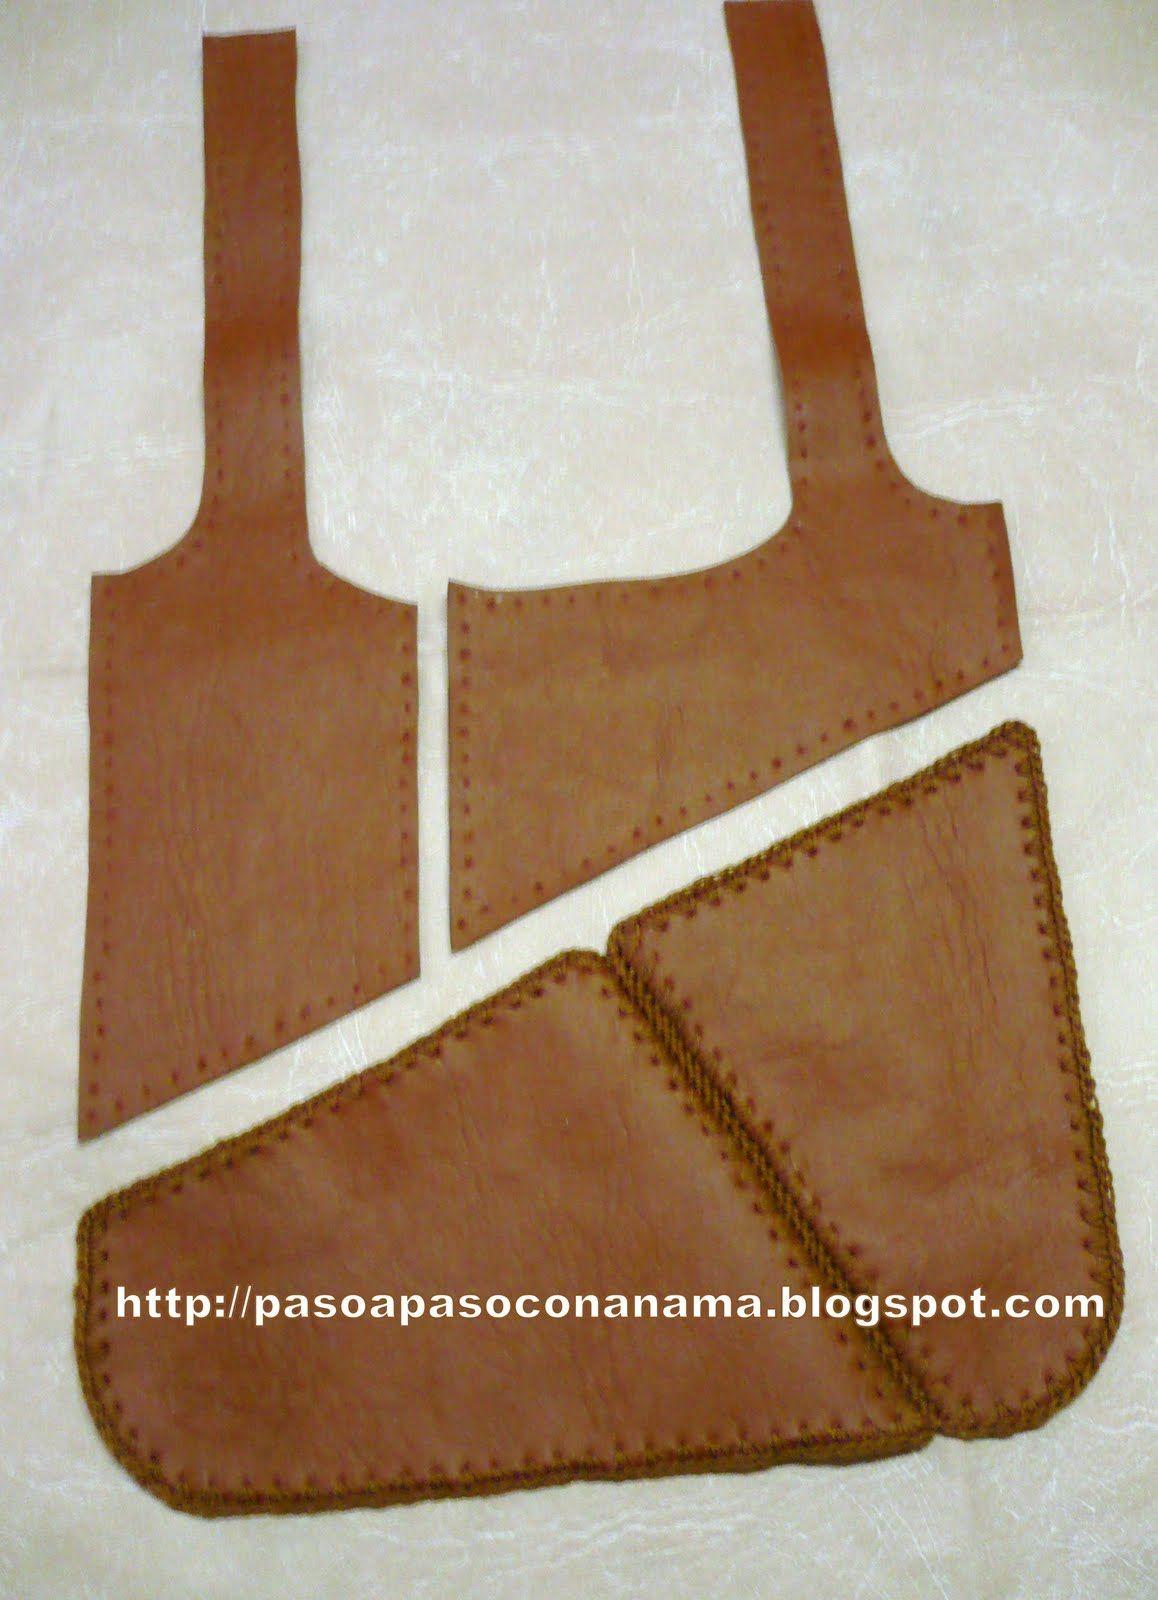 como hacer un bolso de cuero artesanal paso a paso